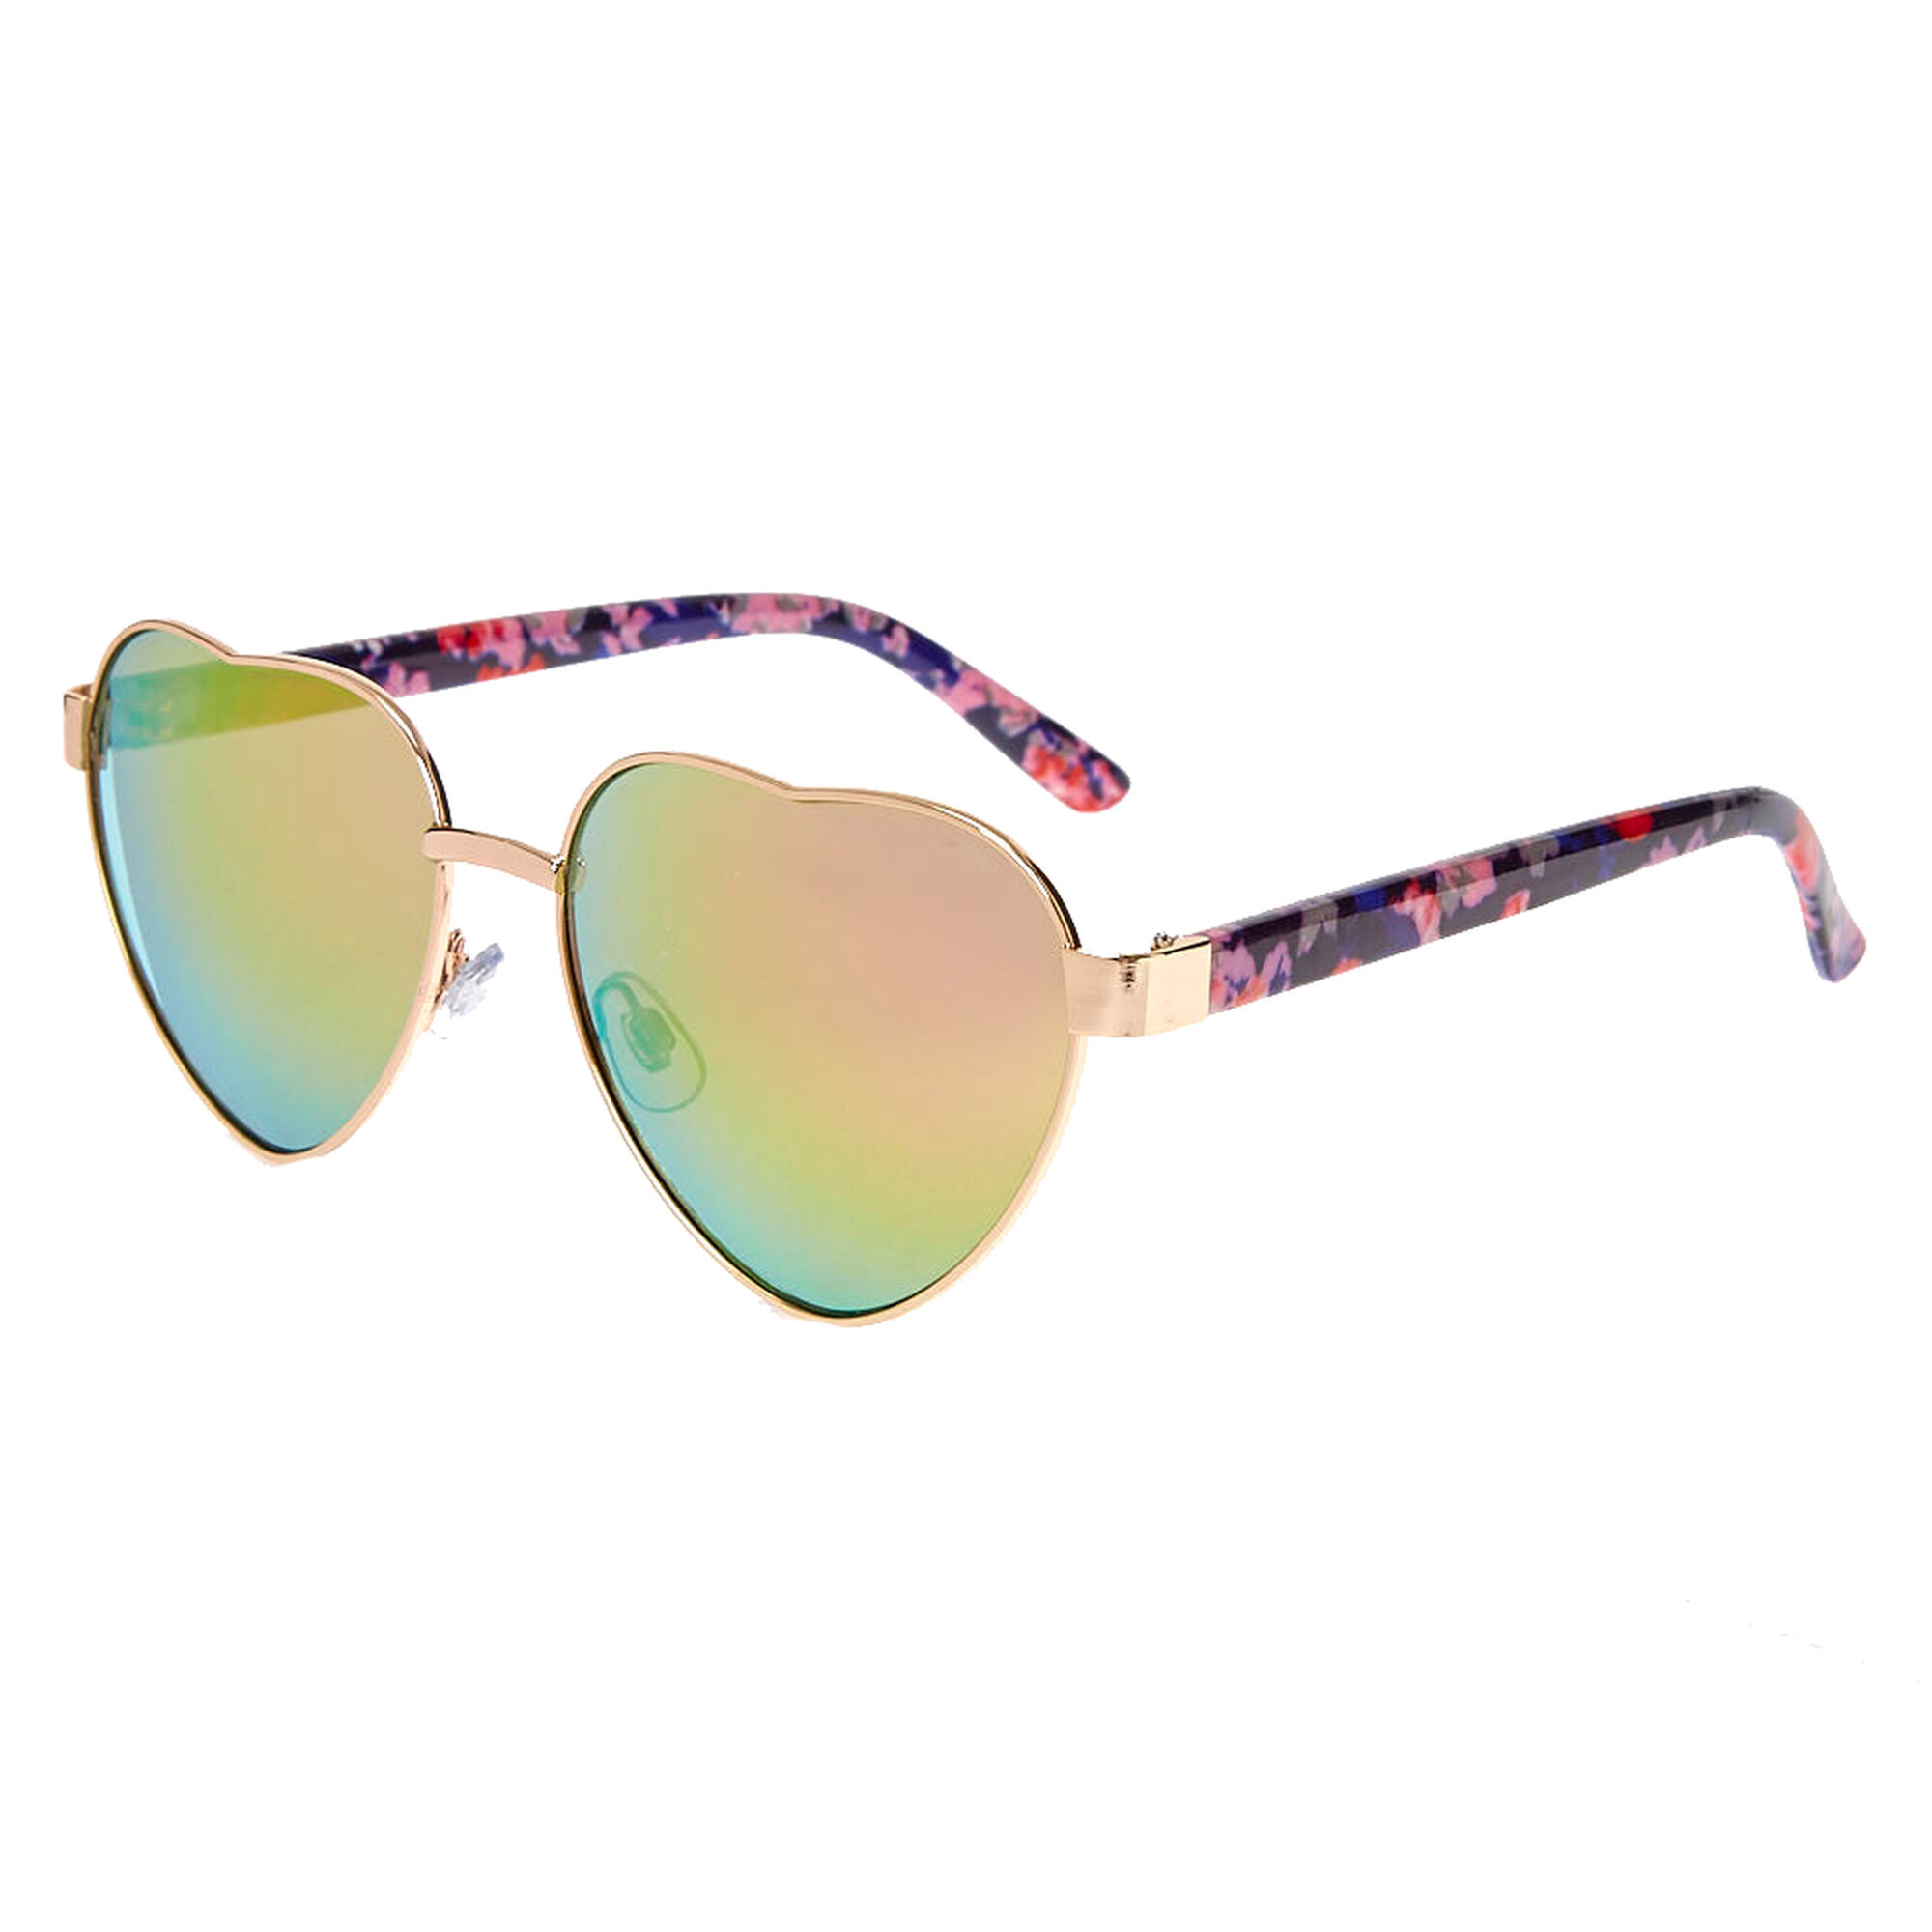 43ea765625 Floral Heart-Shaped Sunglasses